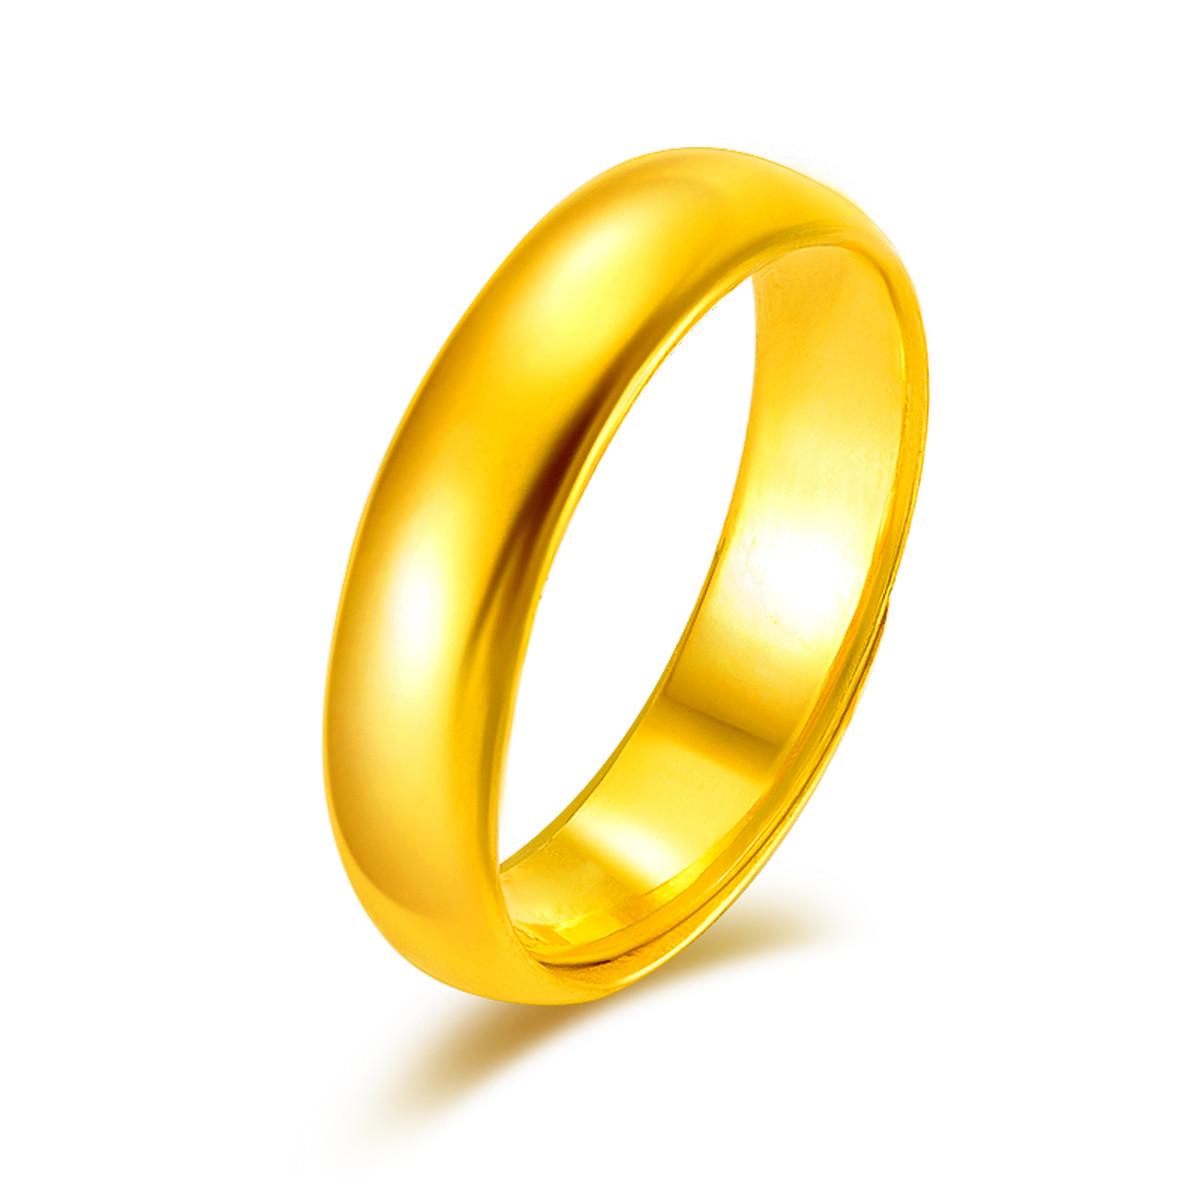 金至尊金至尊 足金简约光圈黄金戒指 计价DFJZ0009QJ